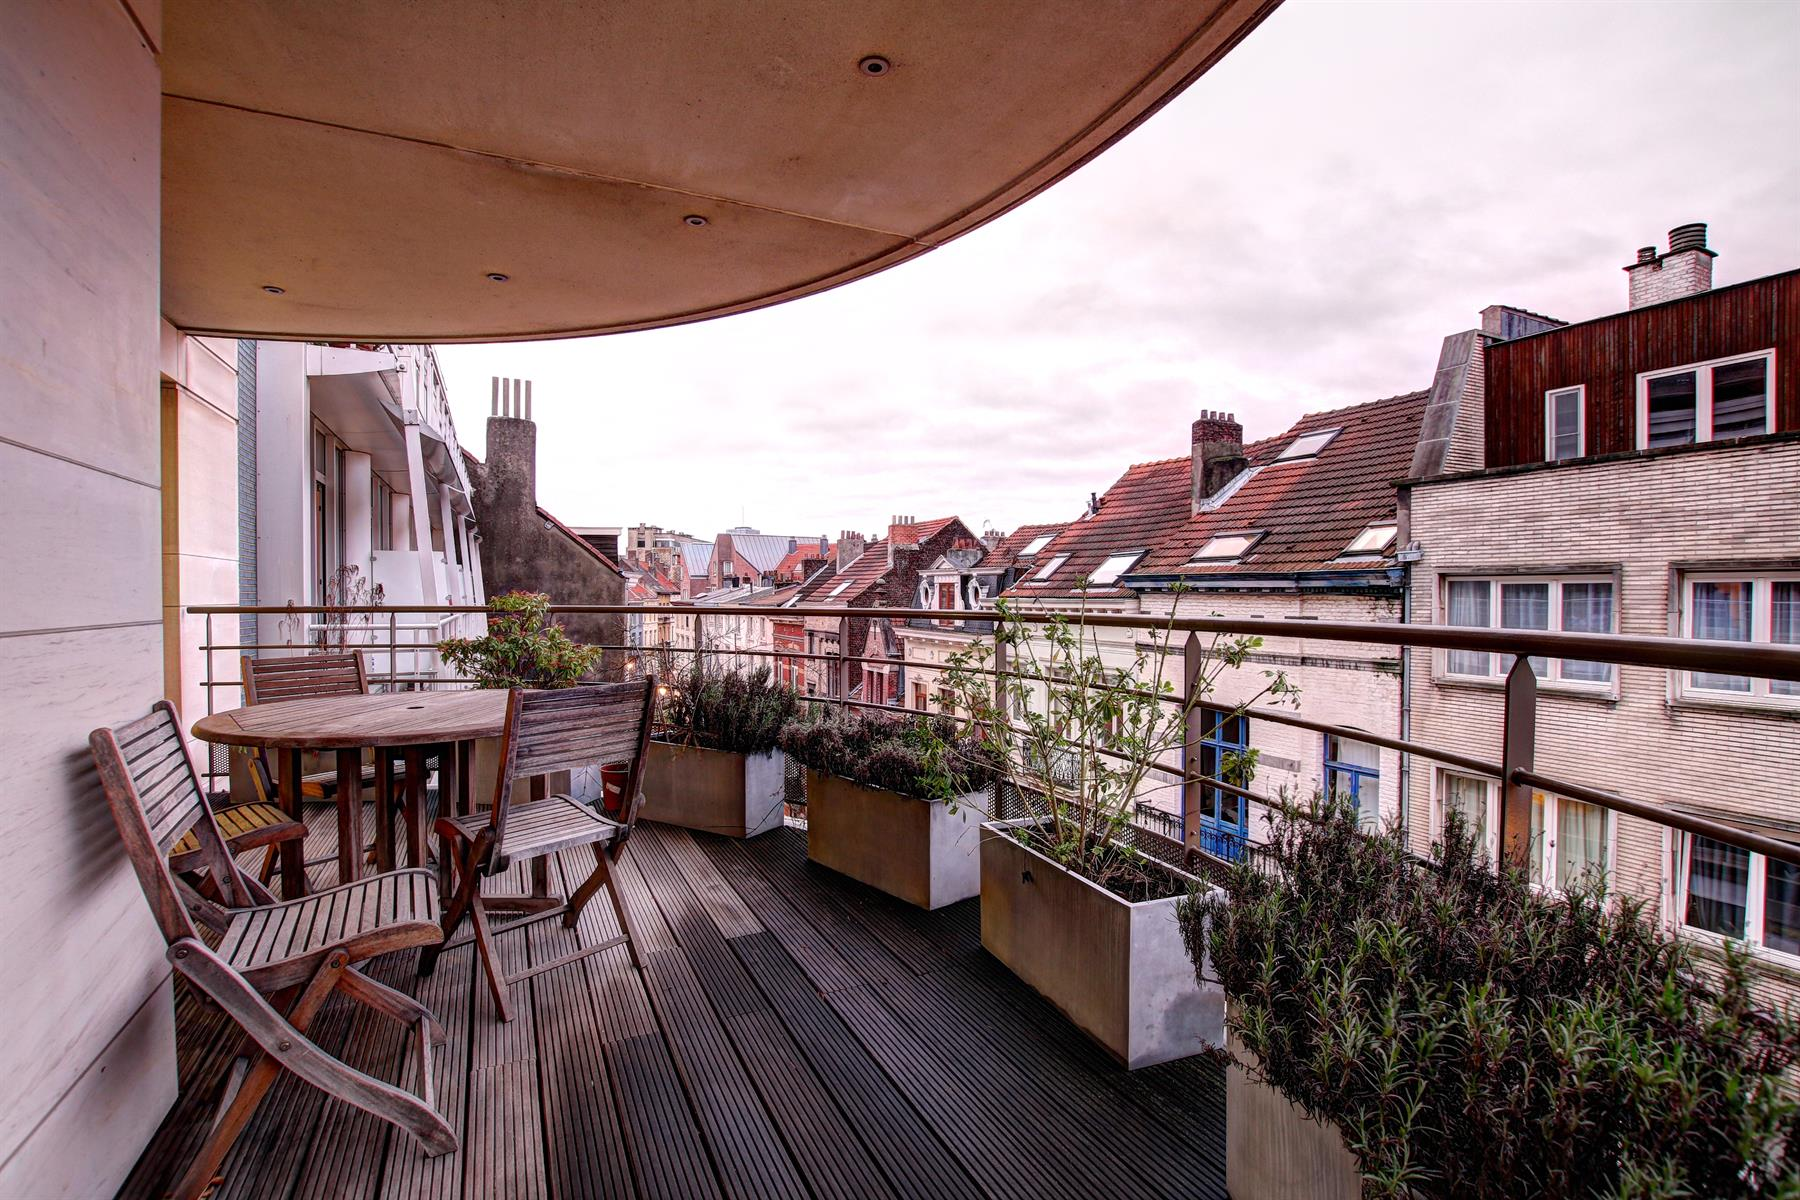 Flat - Ixelles - #4225896-6